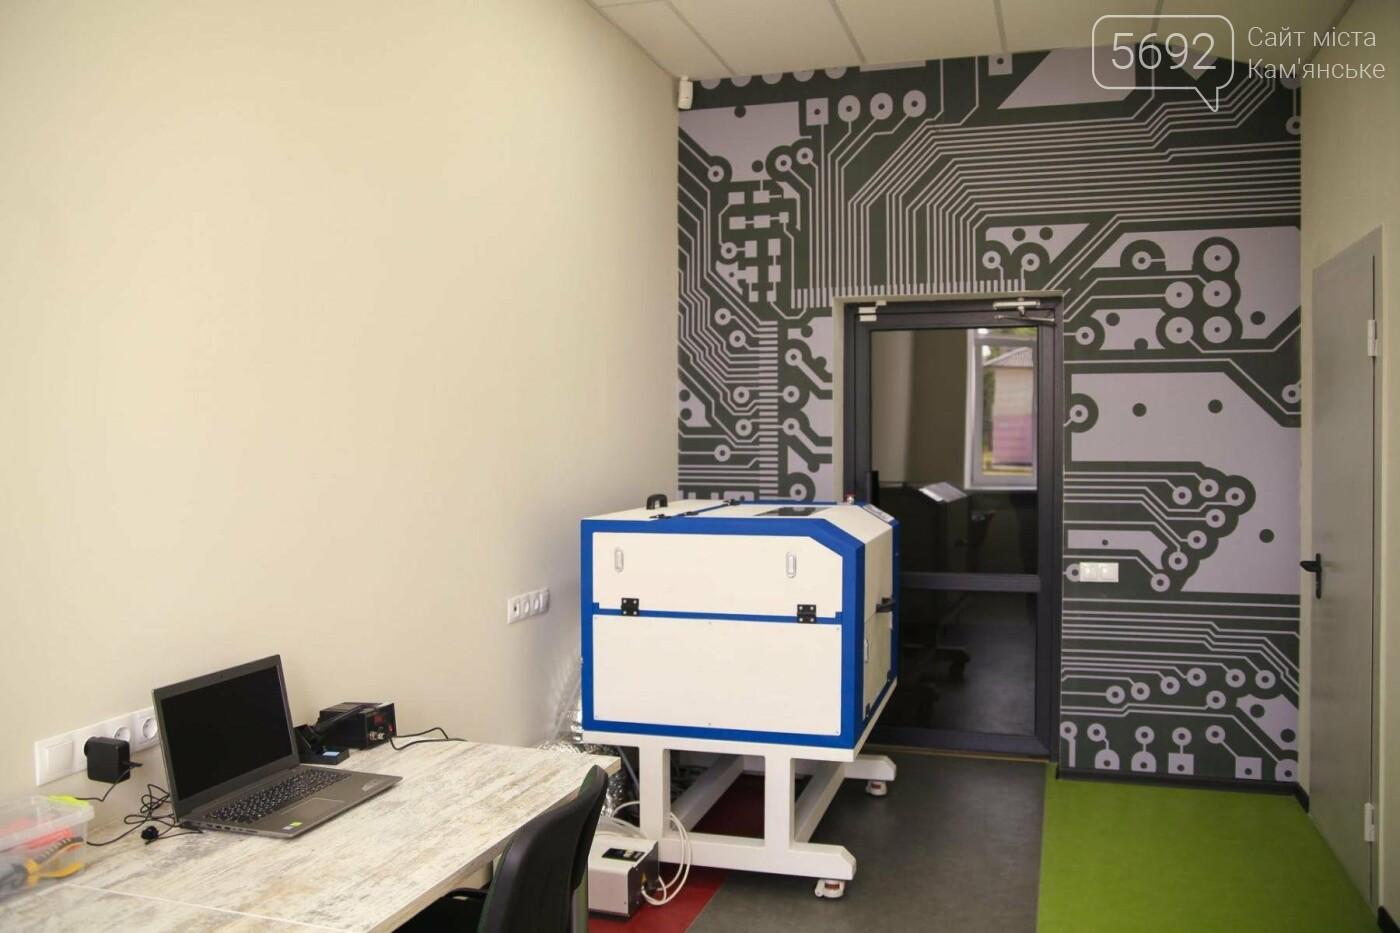 В Каменском открыли бесплатную Школу Робототехники, фото-14